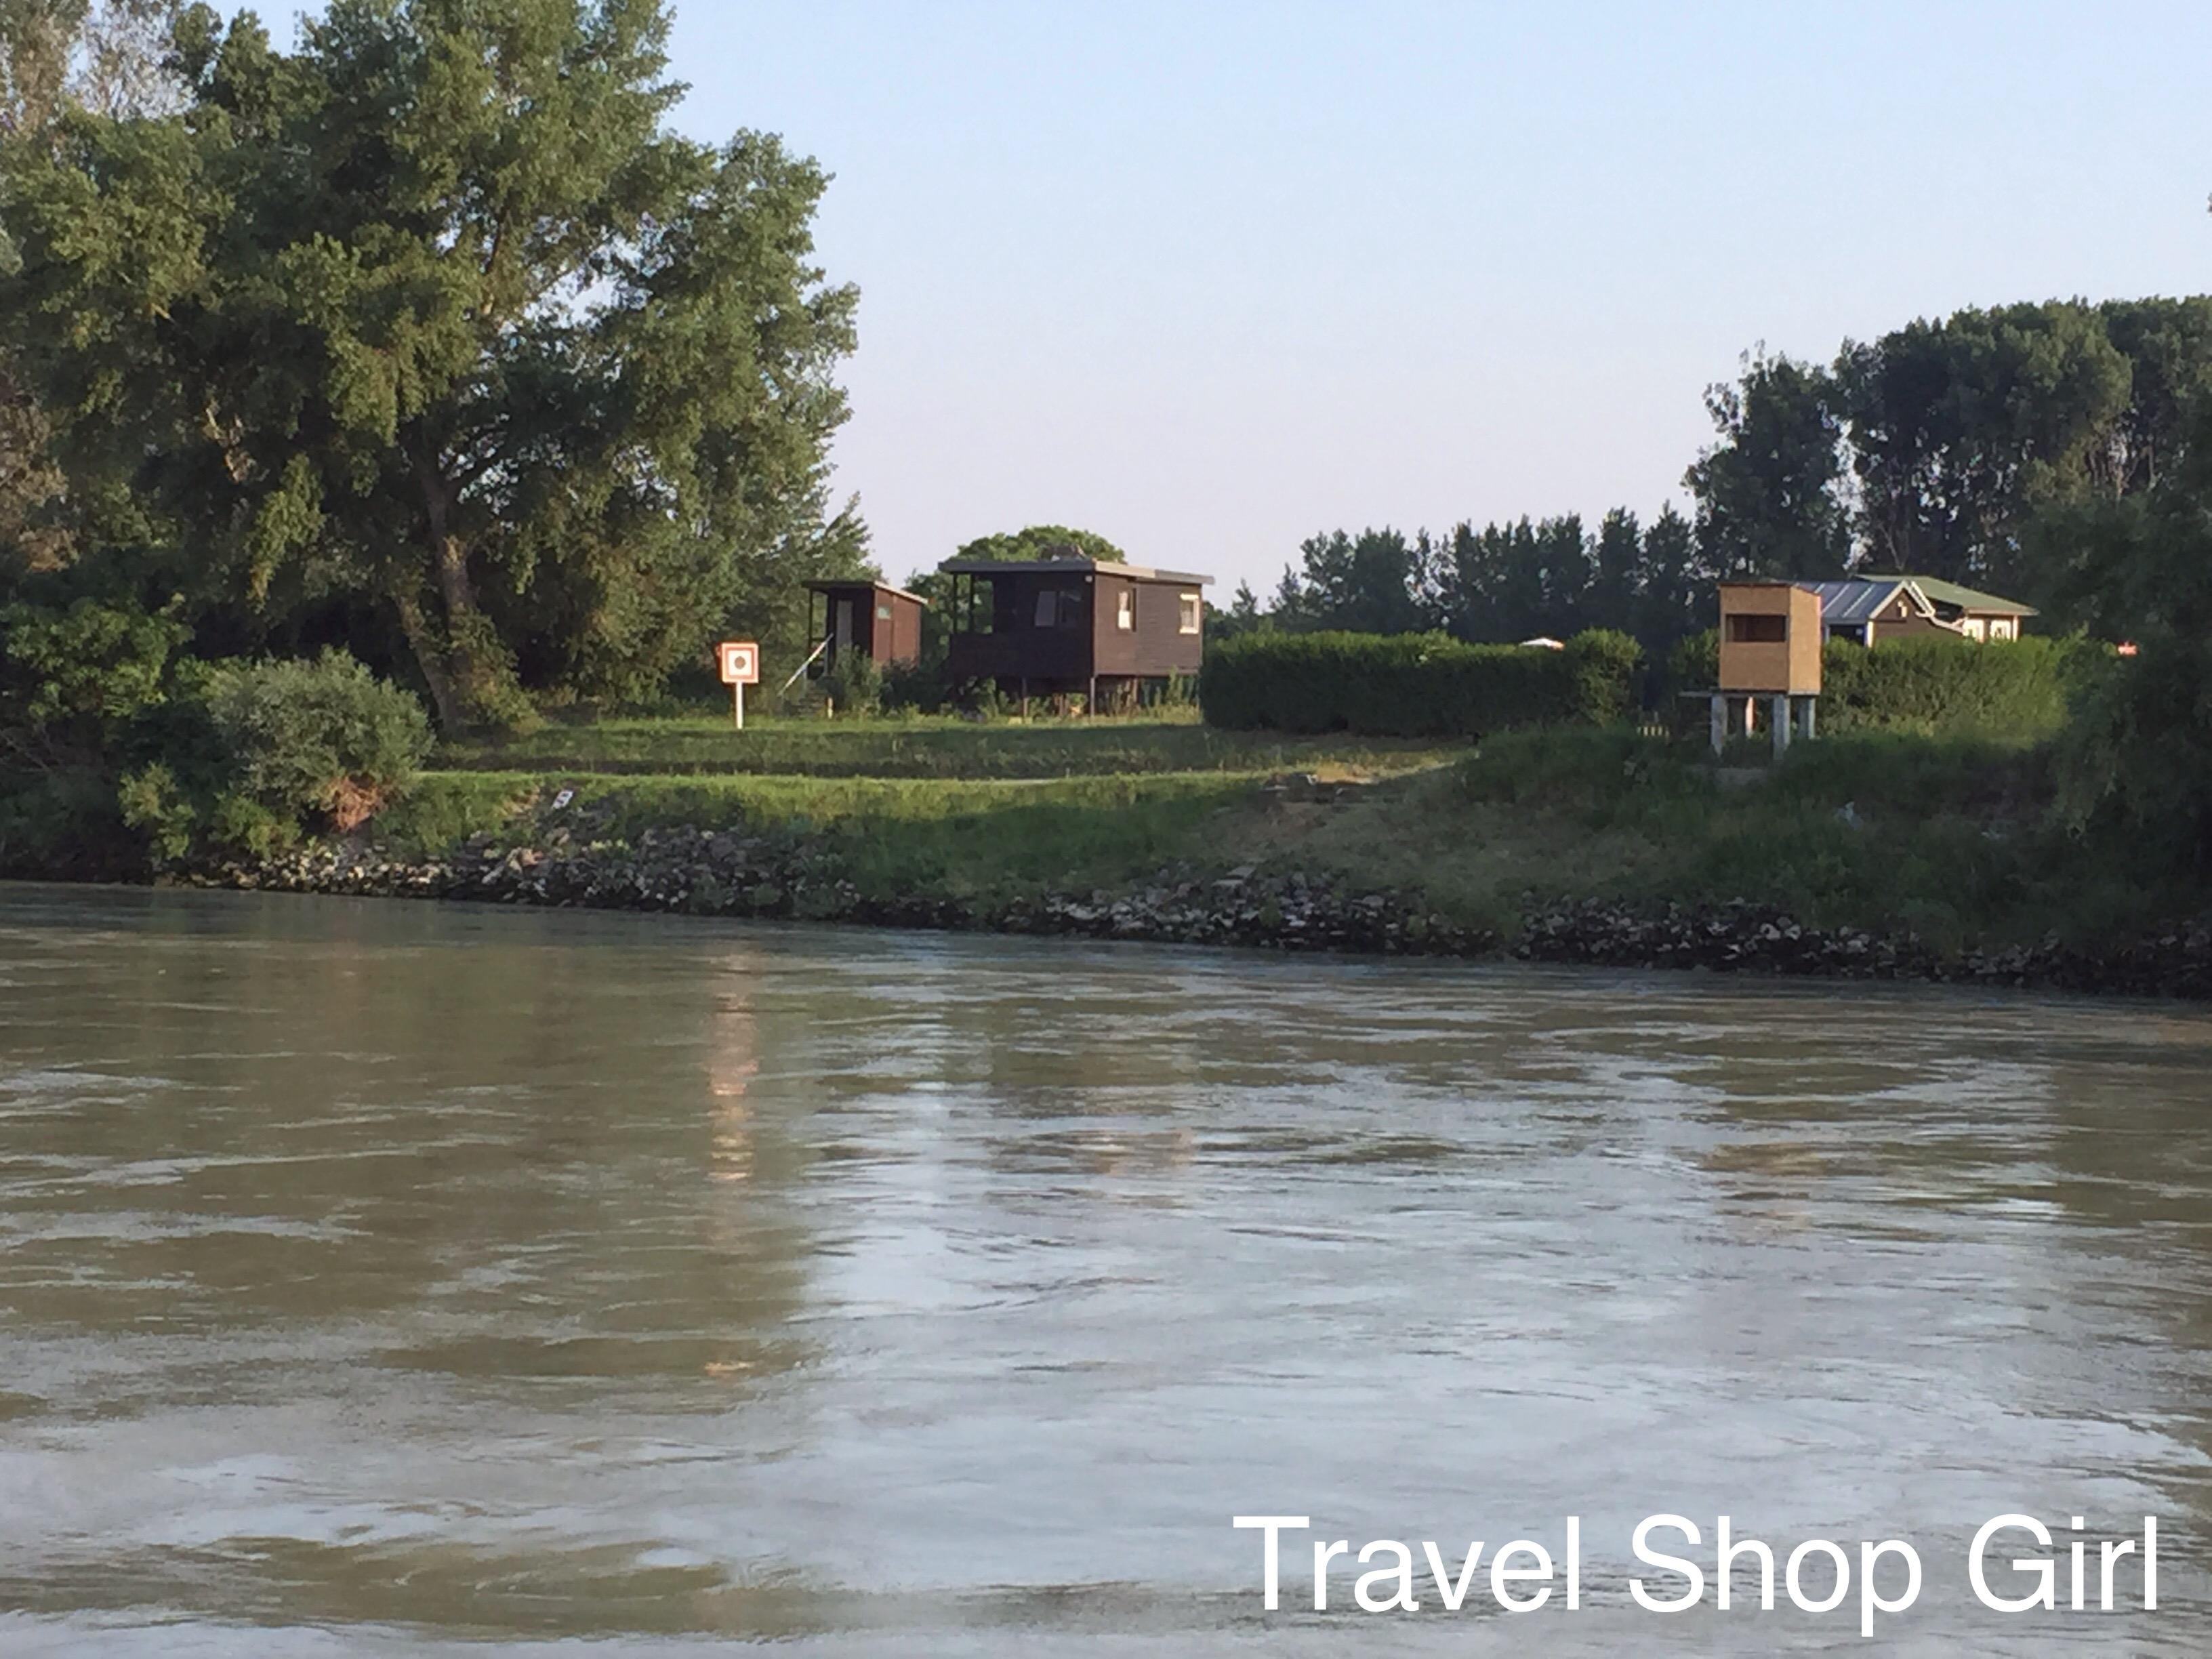 Dinner on the Danube